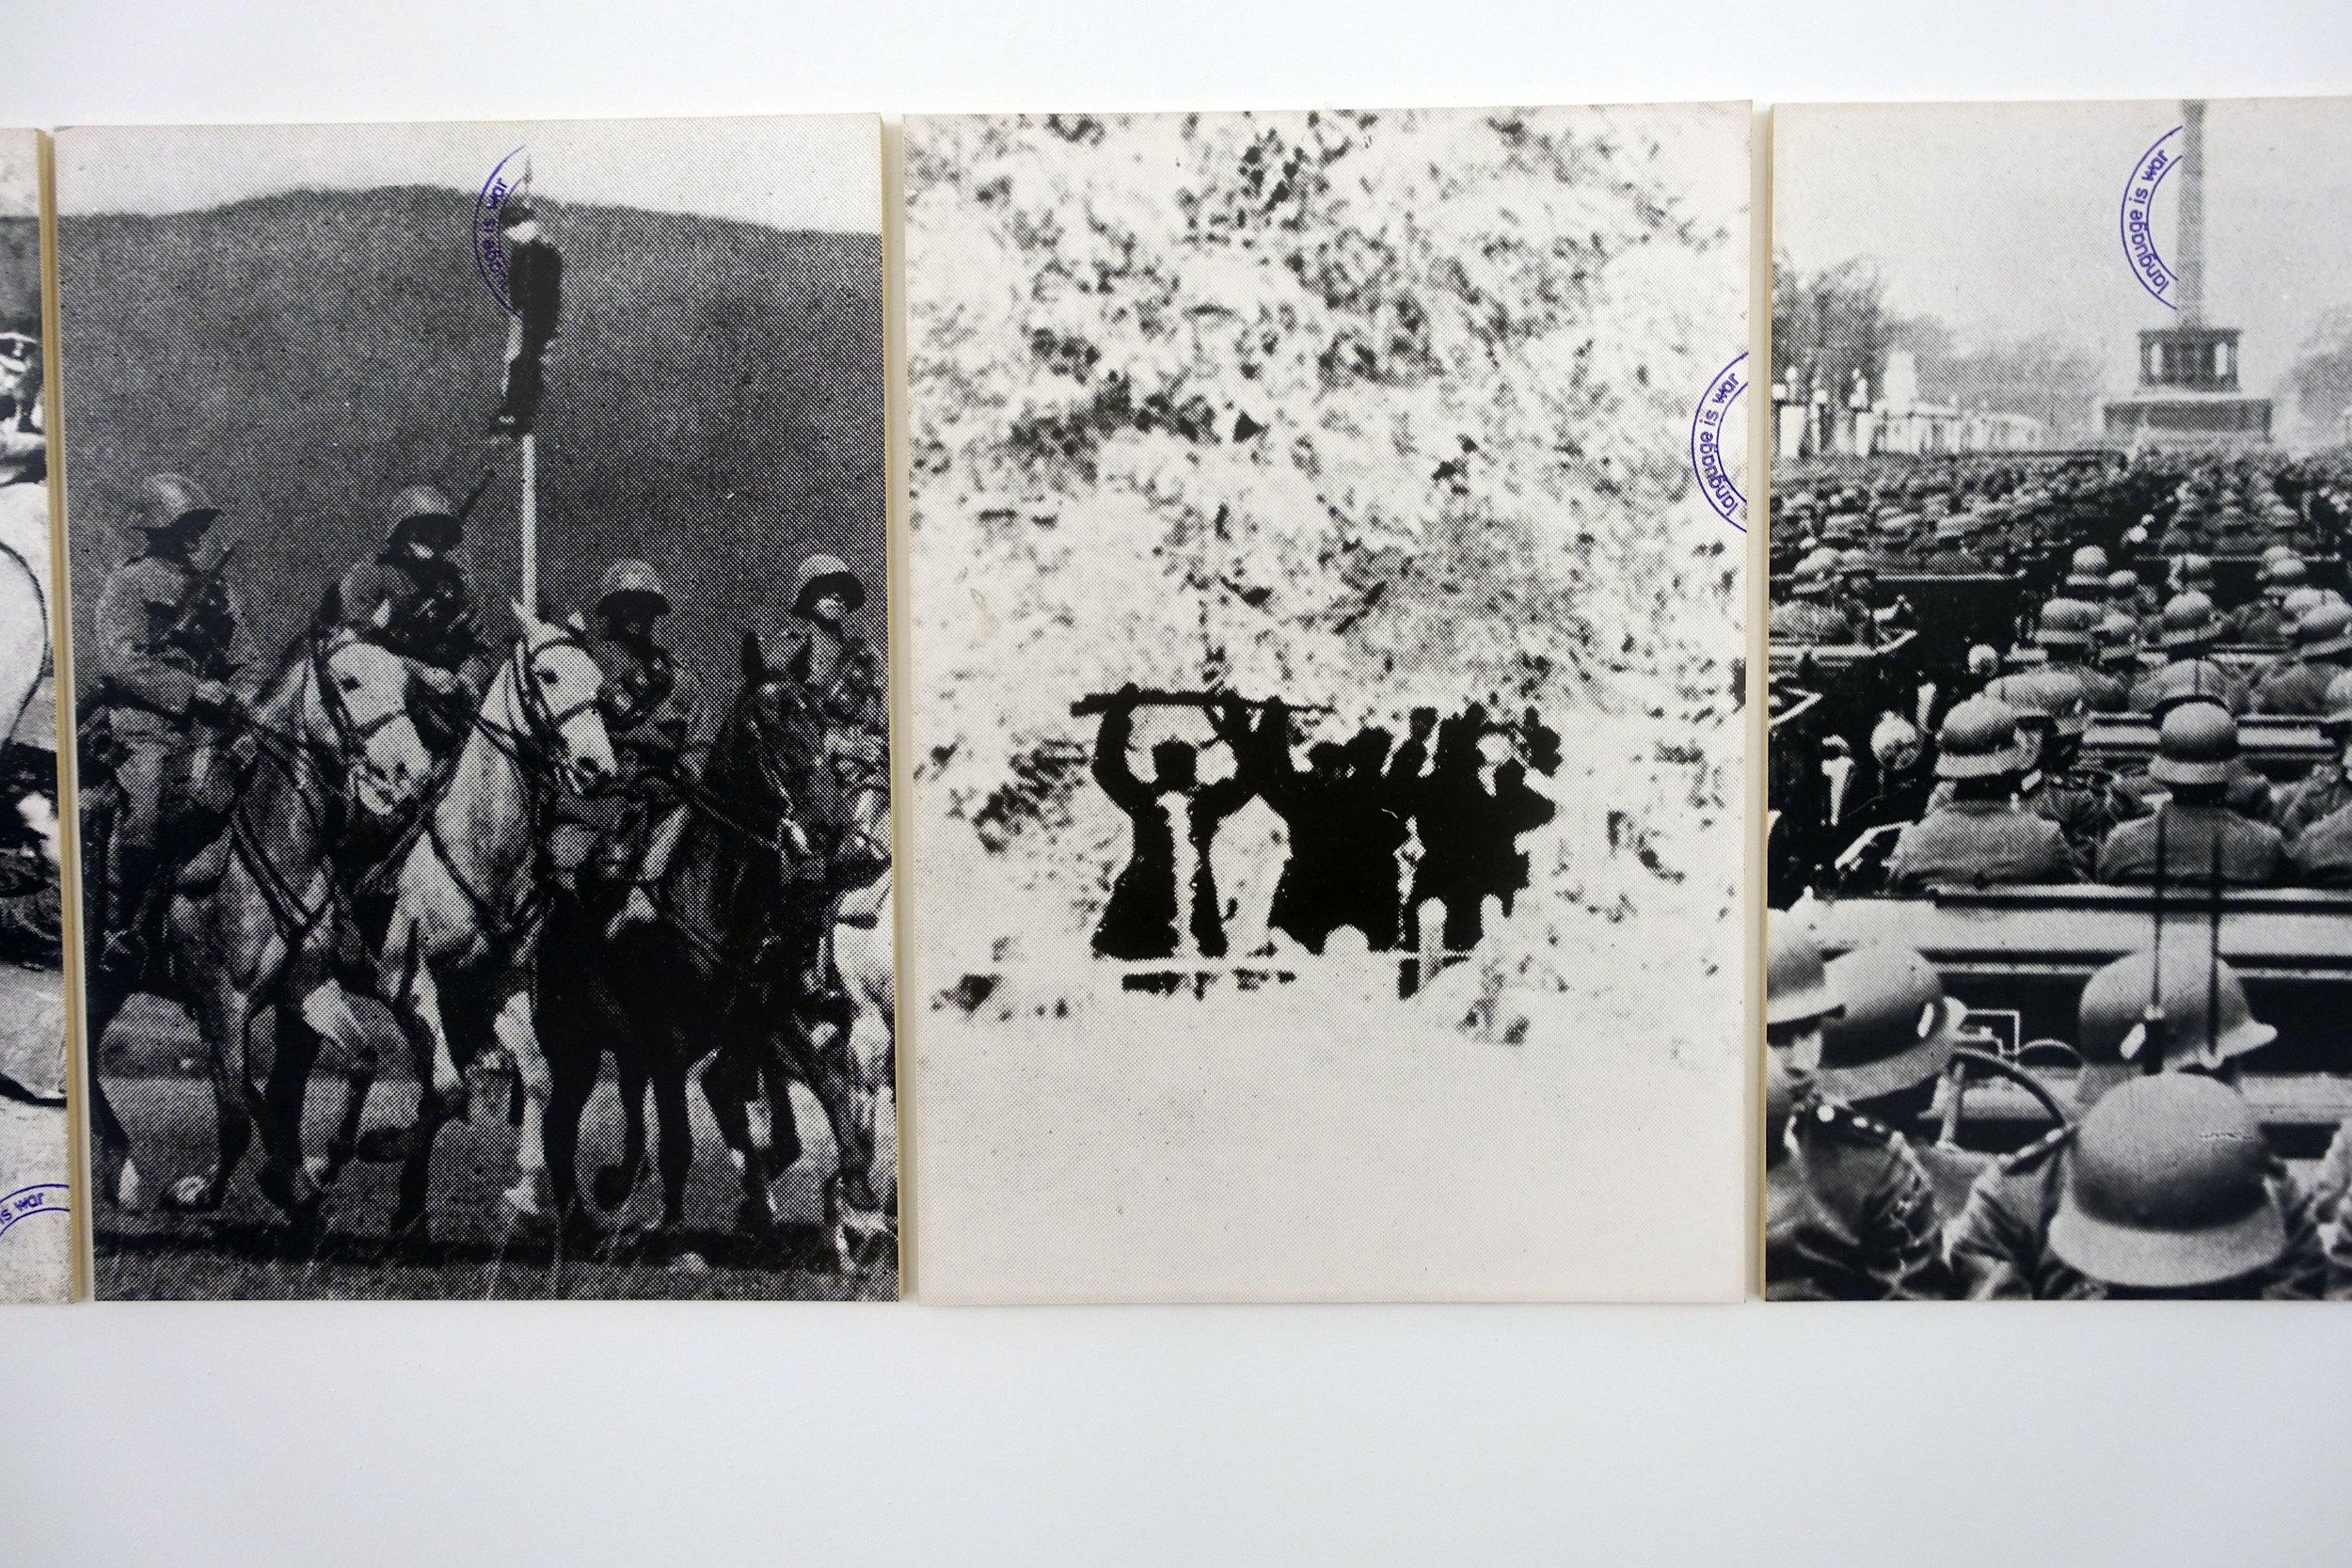 Language is War, 1975 (detail)